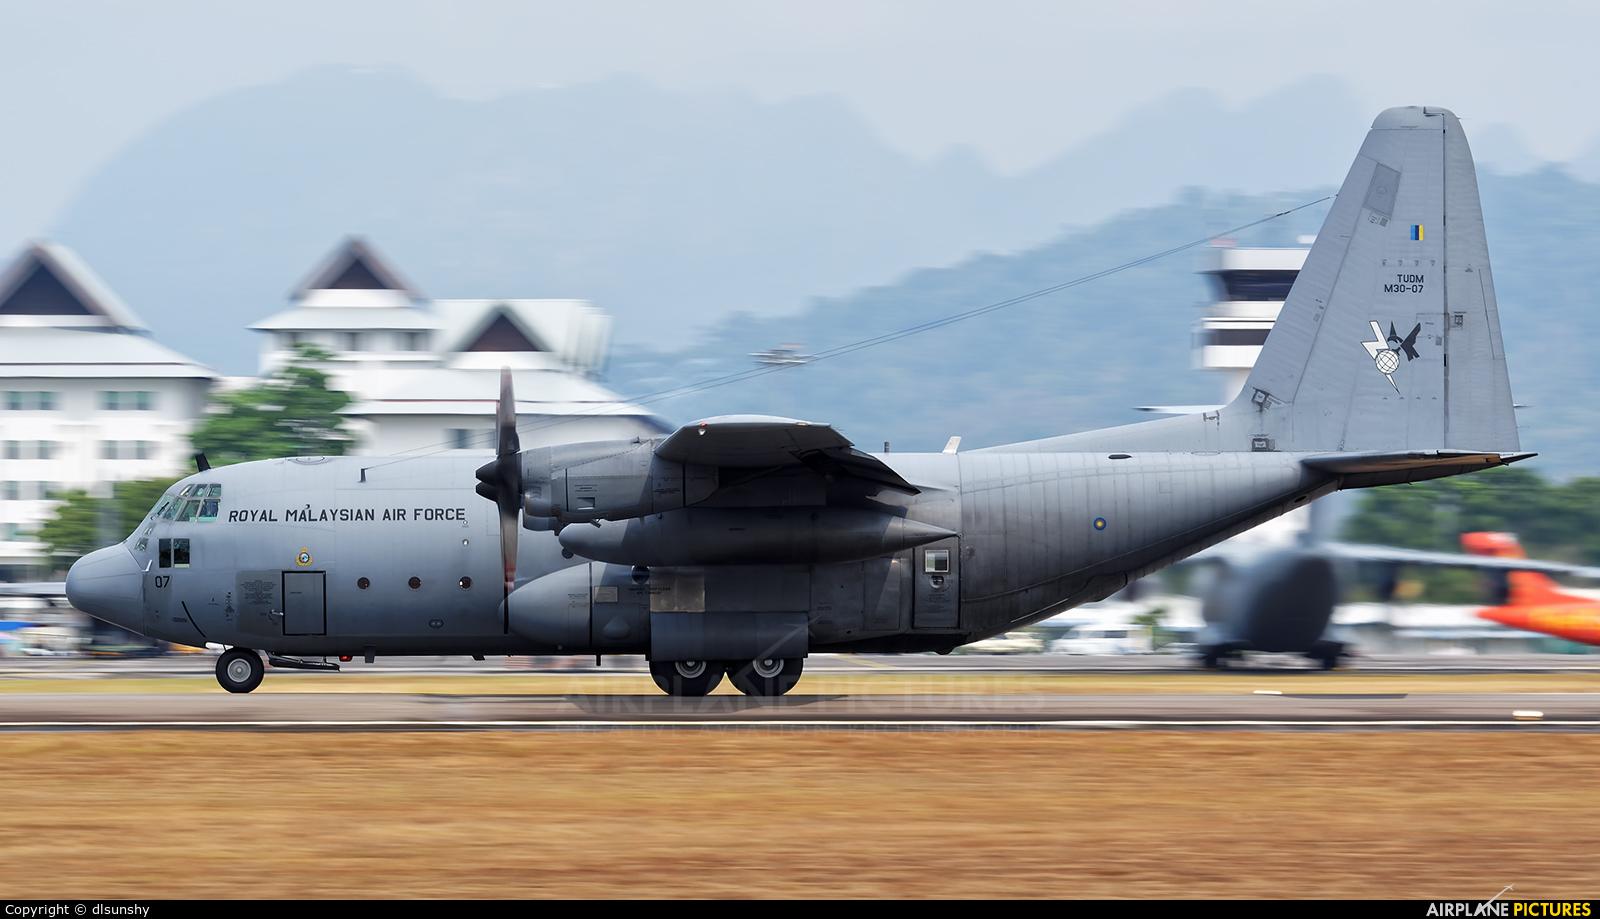 Malaysia - Air Force M30-07 aircraft at Langkawi